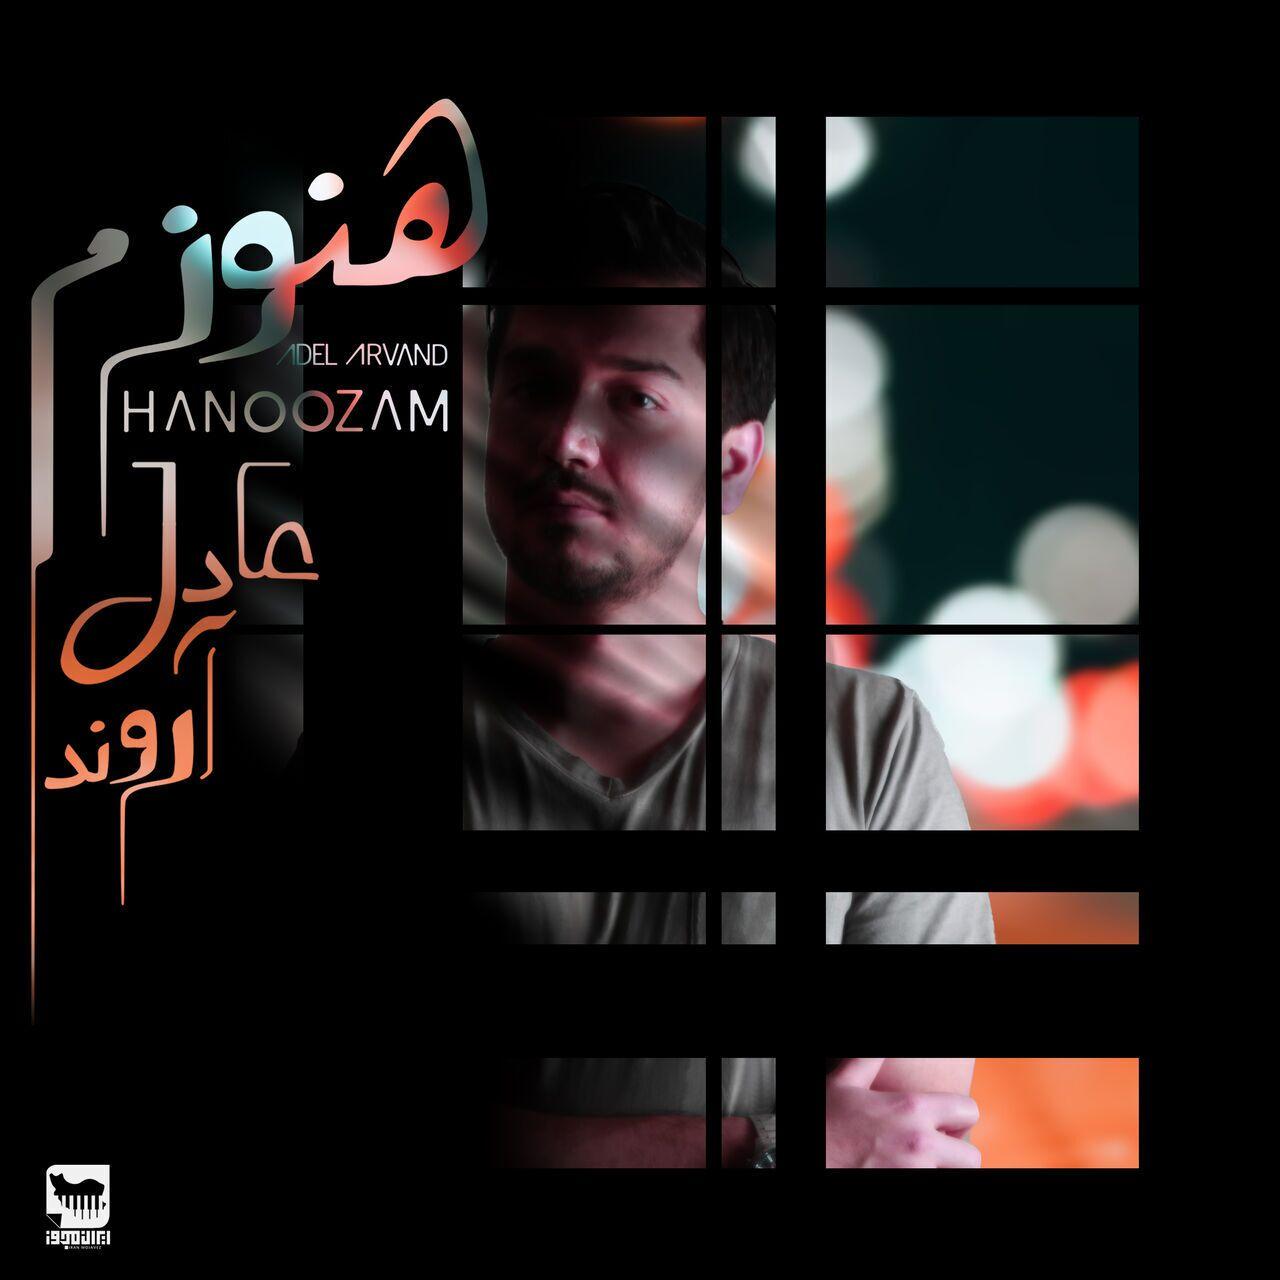 فنان ايراني ينشر اغنية بالتعاون مع فنانين عالميين